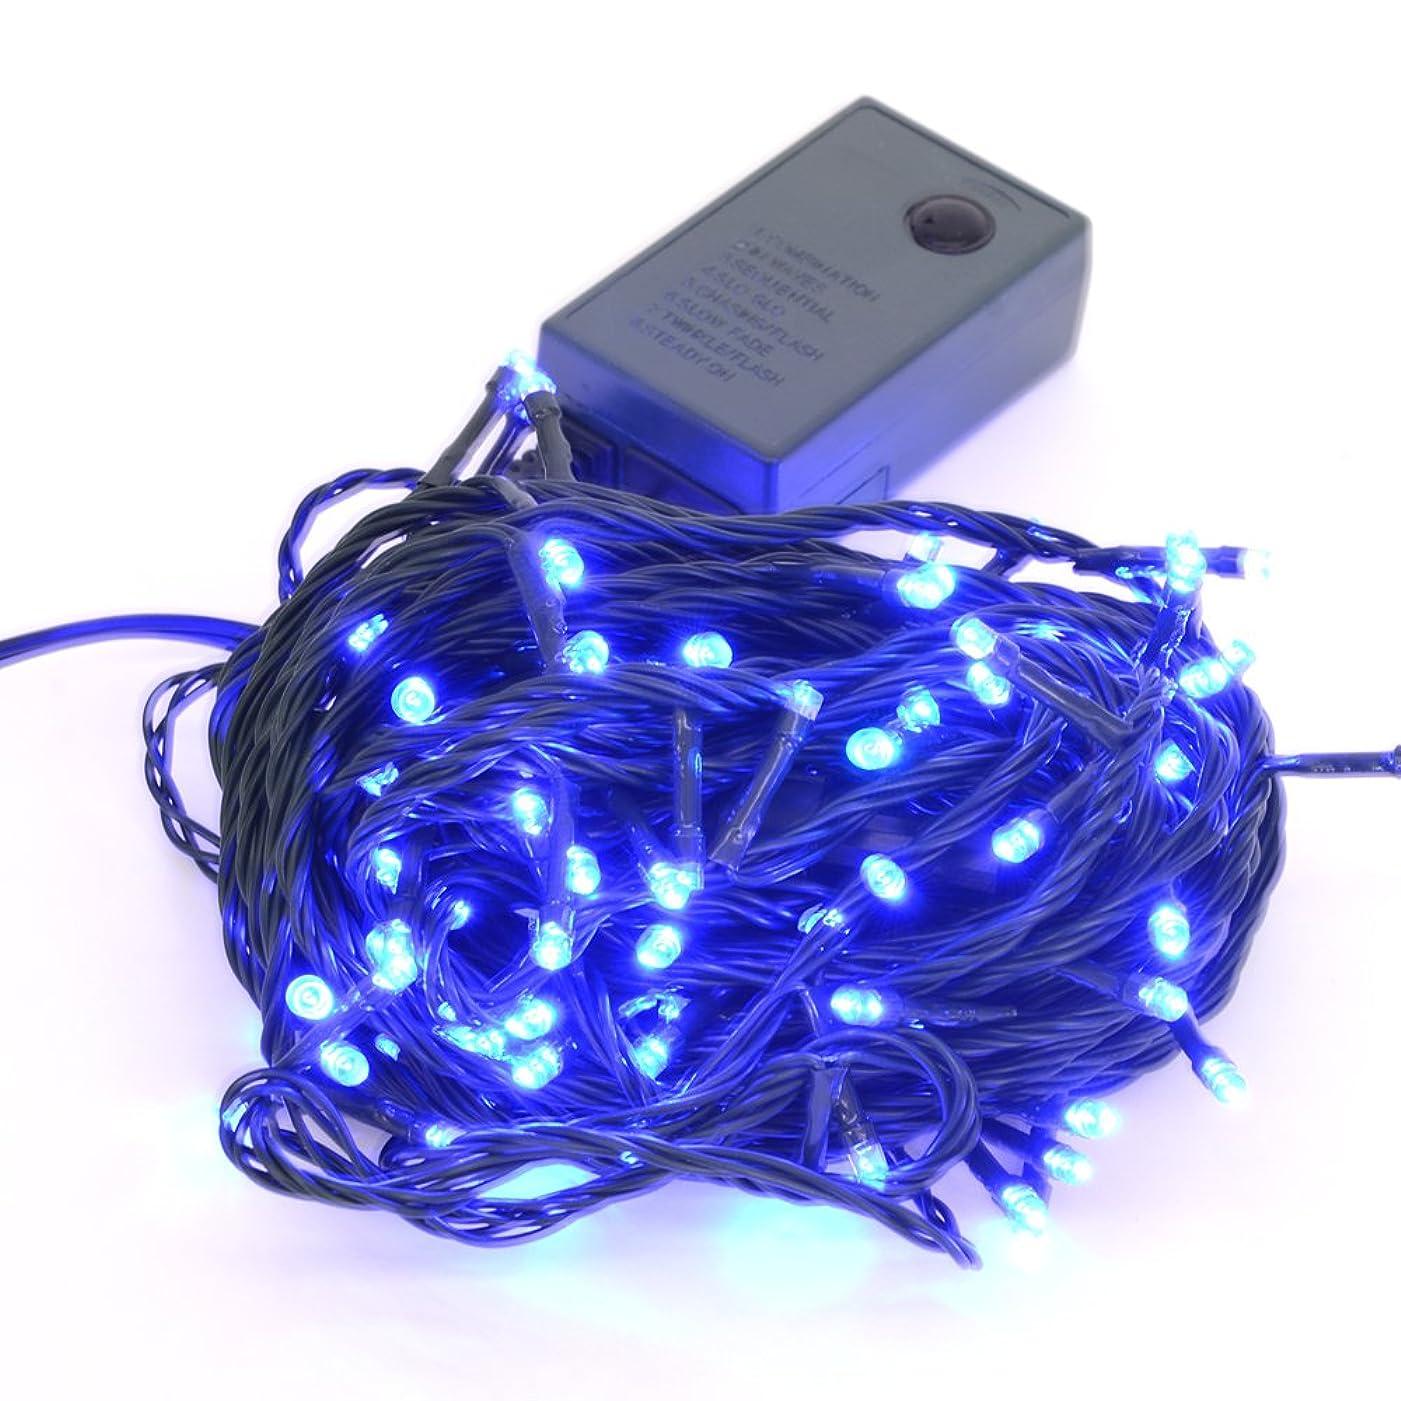 メモかりて卑しい【ブルー】イルミネーションLEDライト クリスマスライト 100球 点灯パターン記憶メモリー付 防雨仕様 連結可 8パターン点灯?コントローラ付